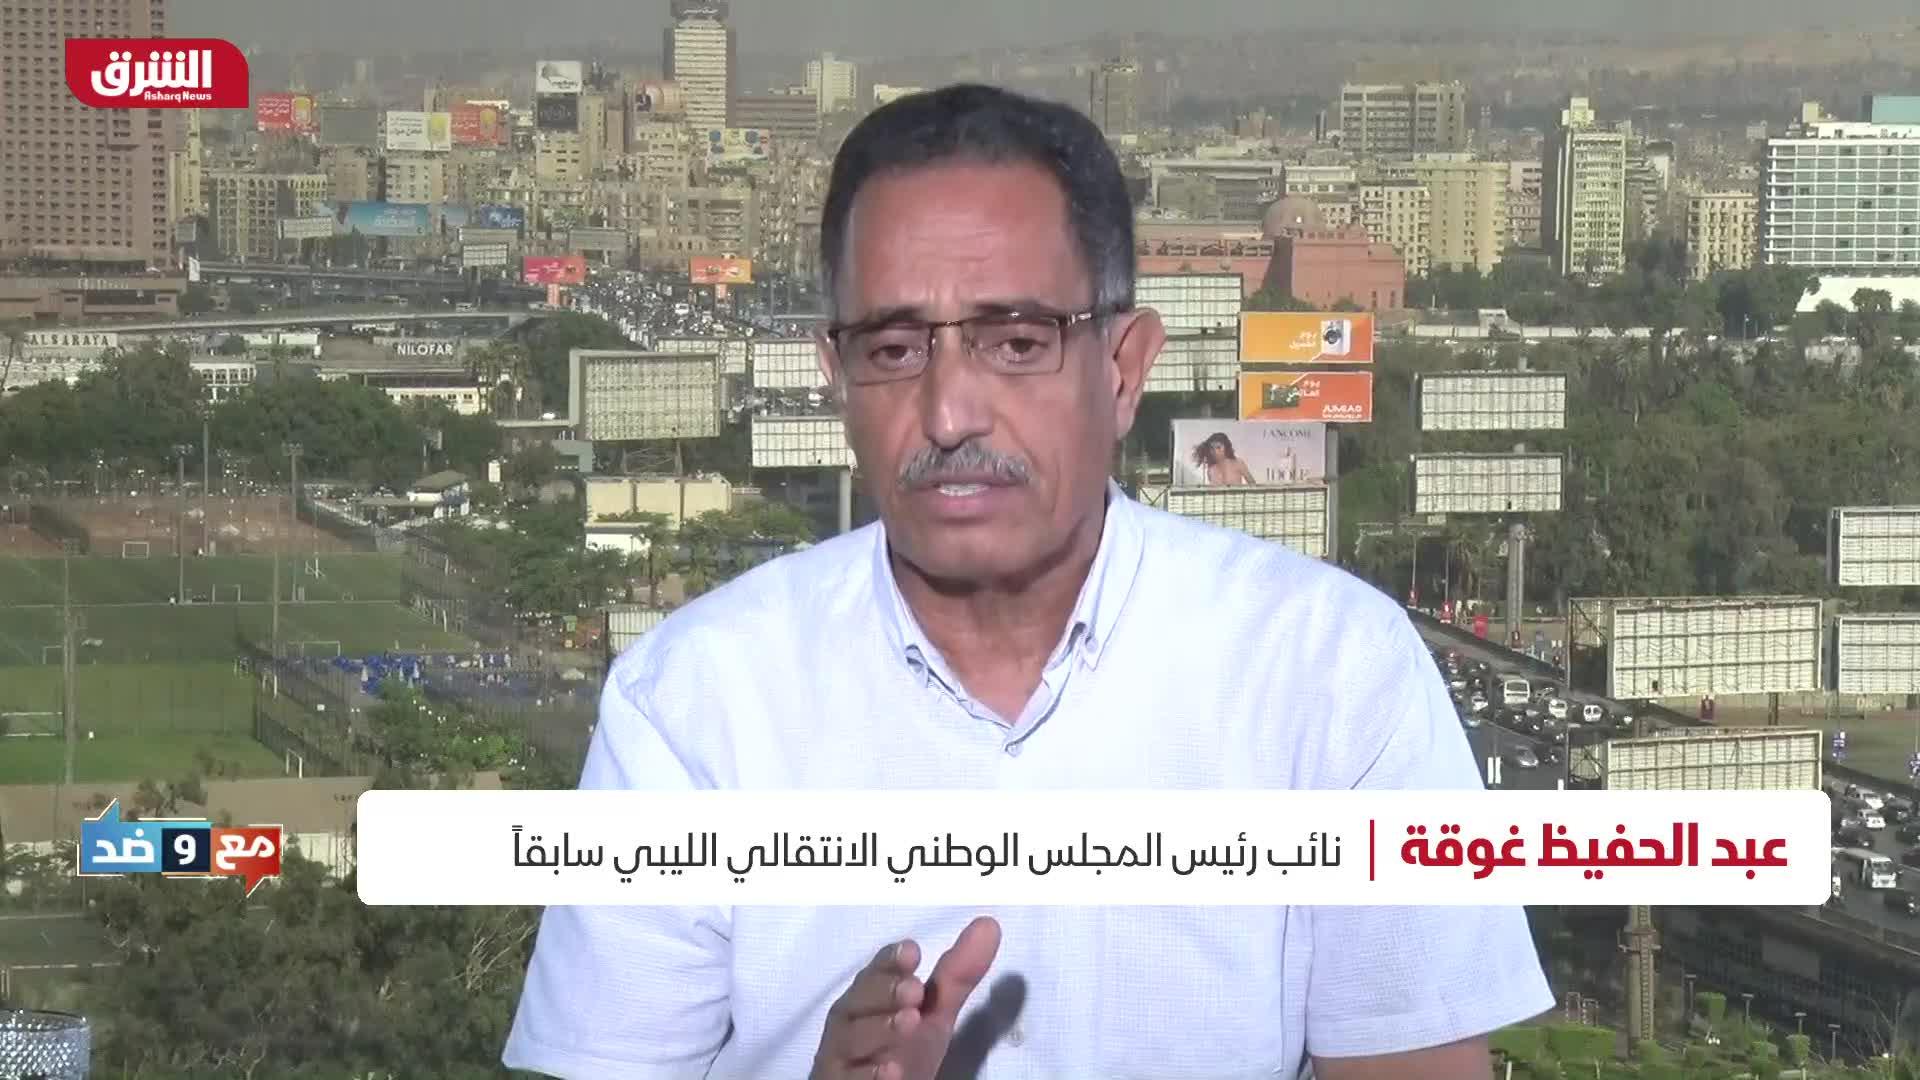 ما موقف سيف الإسلام القذافي من الترشح وما عليه من عقوبات؟